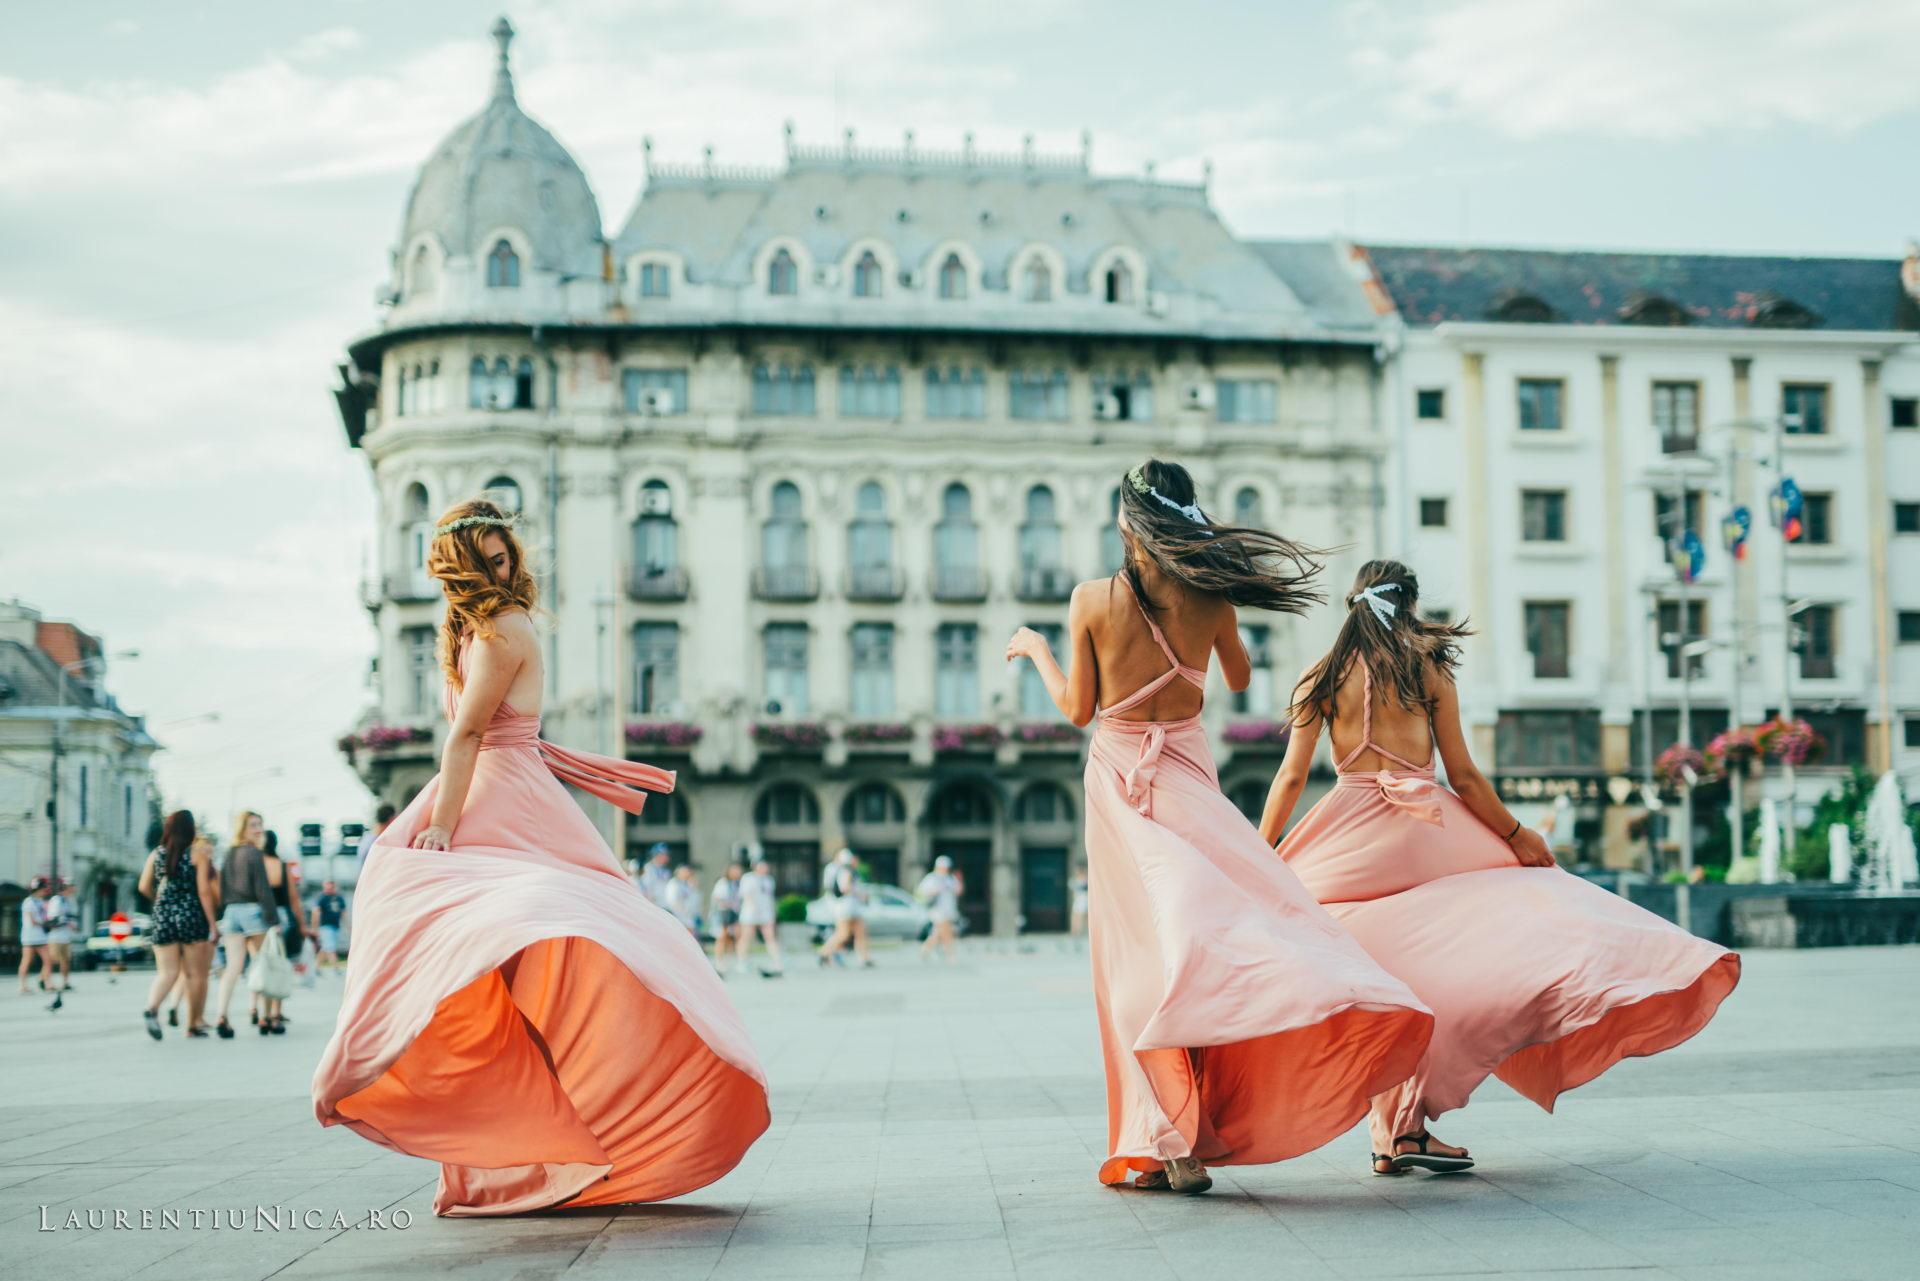 Cristina si Ovidiu nunta Craiova fotograf laurentiu nica 104 - Cristina & Ovidiu | Fotografii nunta | Craiova